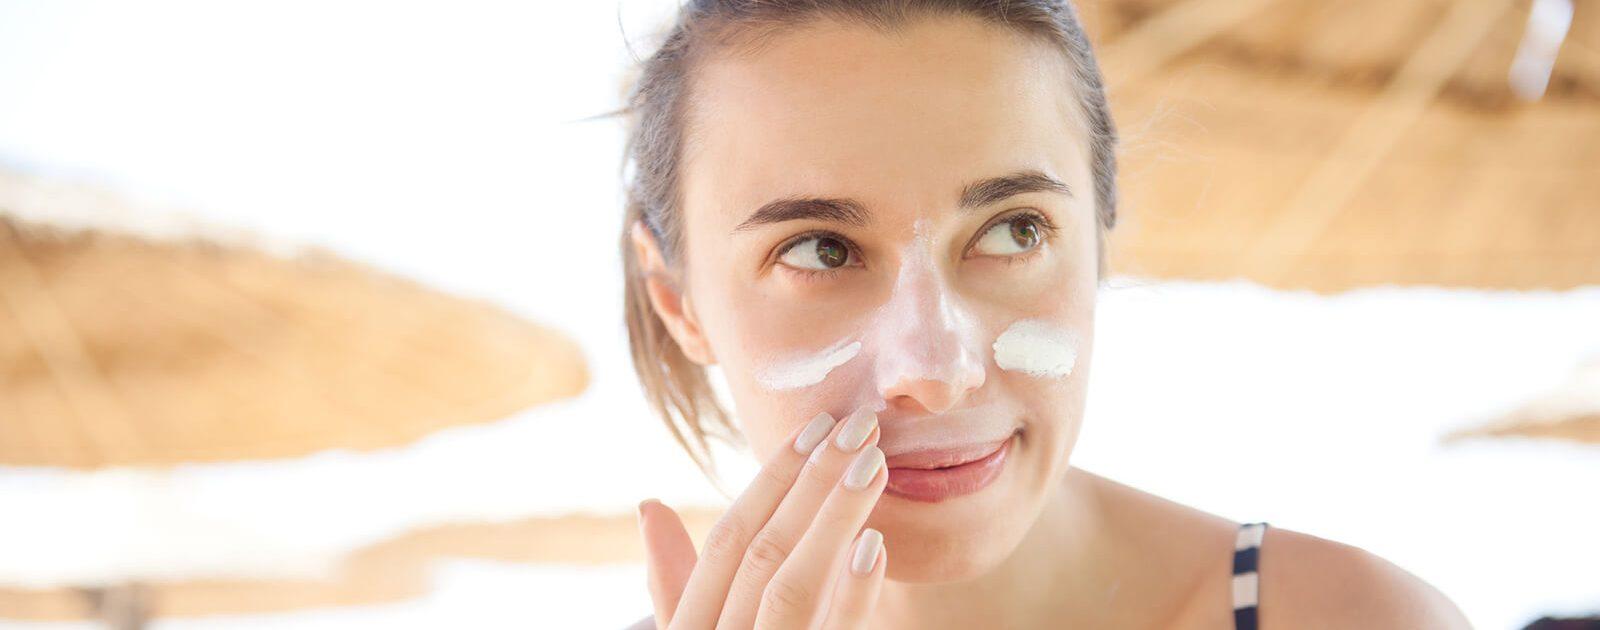 Frau beugt mit Sonnencreme einem Basaliom an der Nase vor.